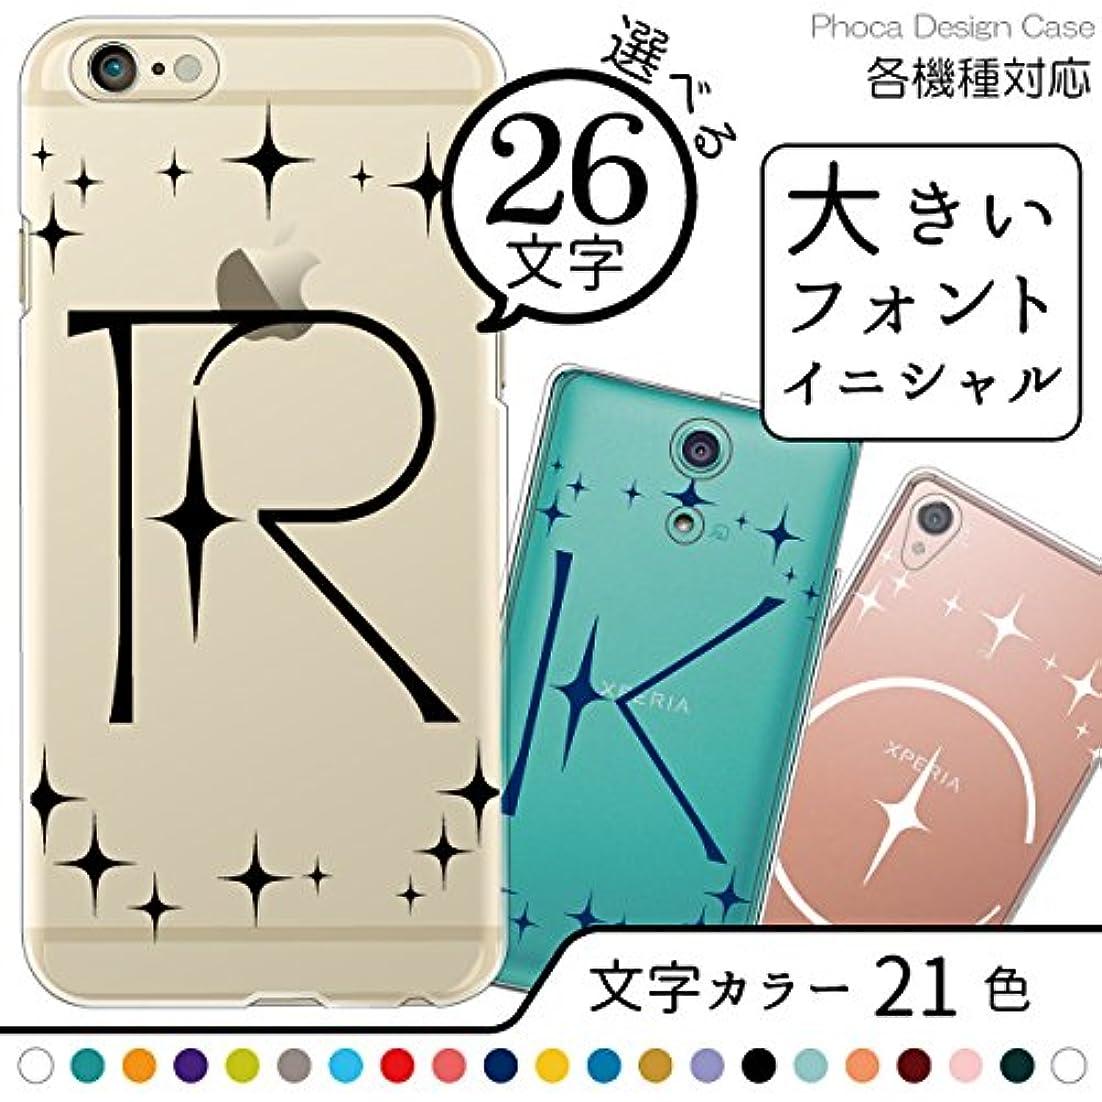 キャプチャー図レモンiPod touch7 touch6 (第7世代 第6世代) 共通 スマホケース カバー 【P】【イエロー】 イニシャル?英字アルファベット ハードケース スマホカバー